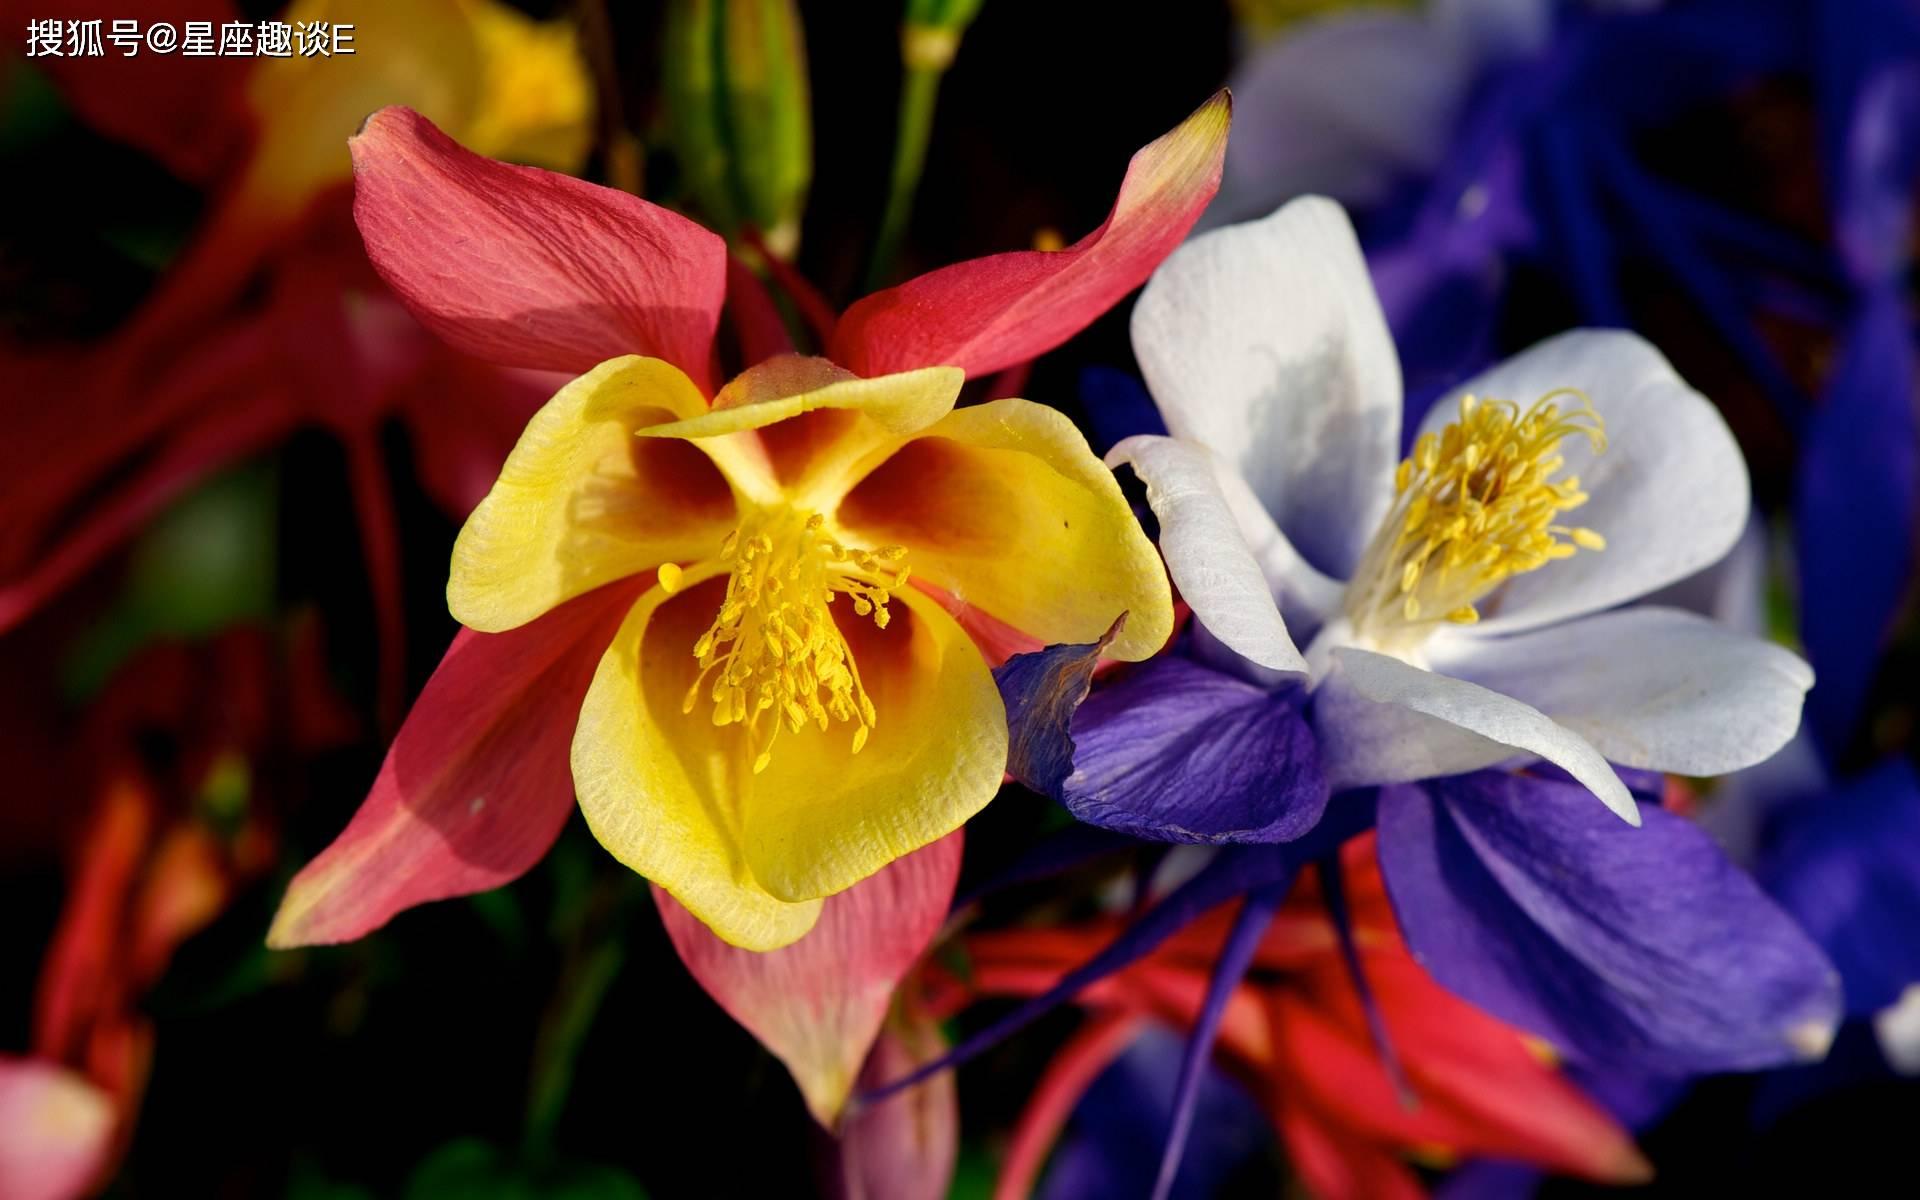 在4月中旬,桃花绽放,真爱涌现,佳人成双的三大星座  第2张